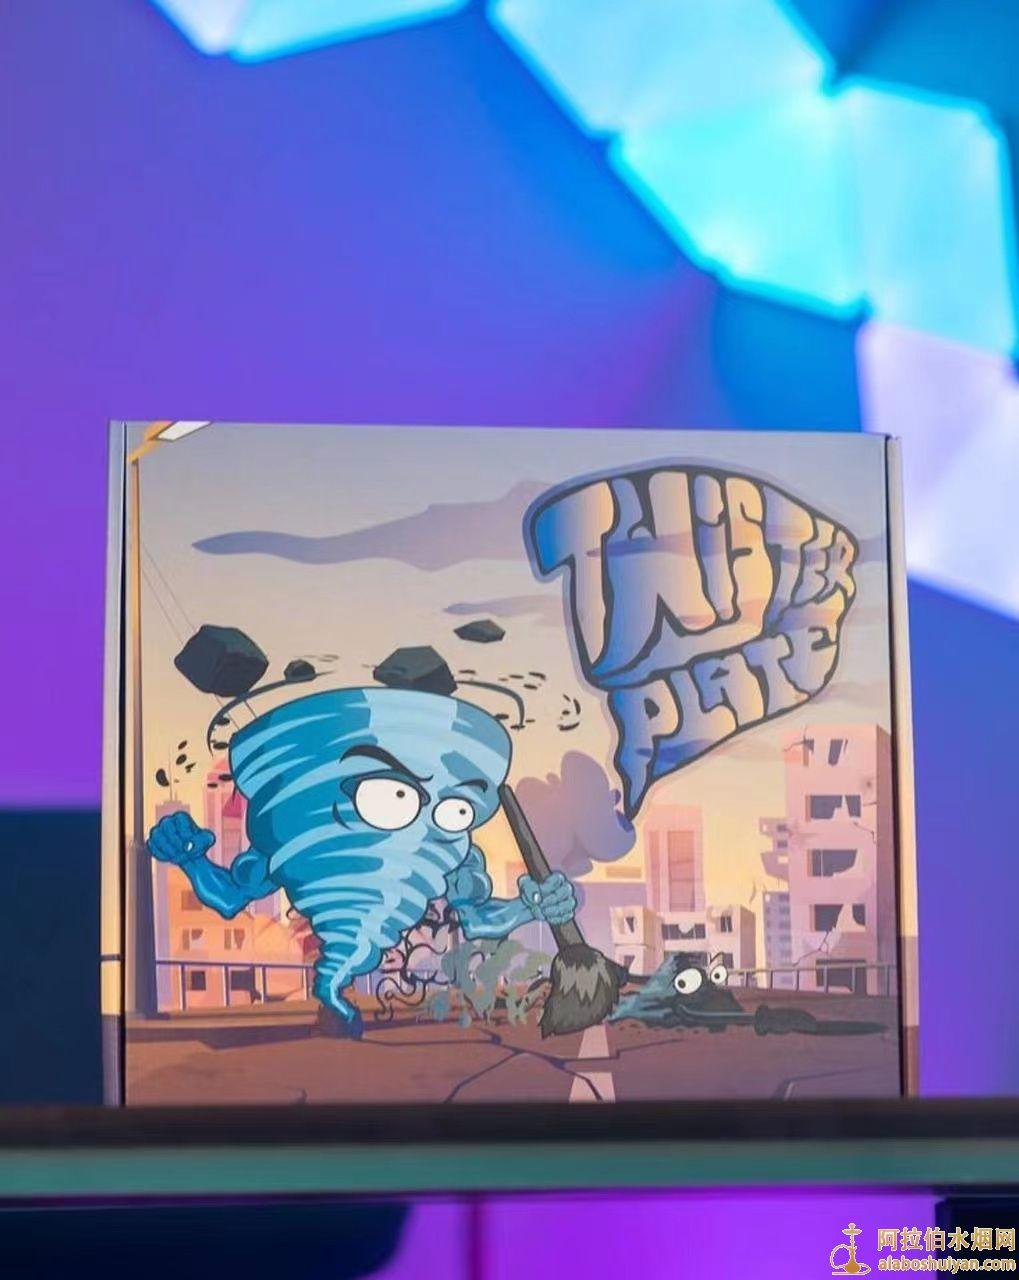 阿拉伯水烟壶带可拆卸烟灰缸的水烟烟盘 这个设计有意思